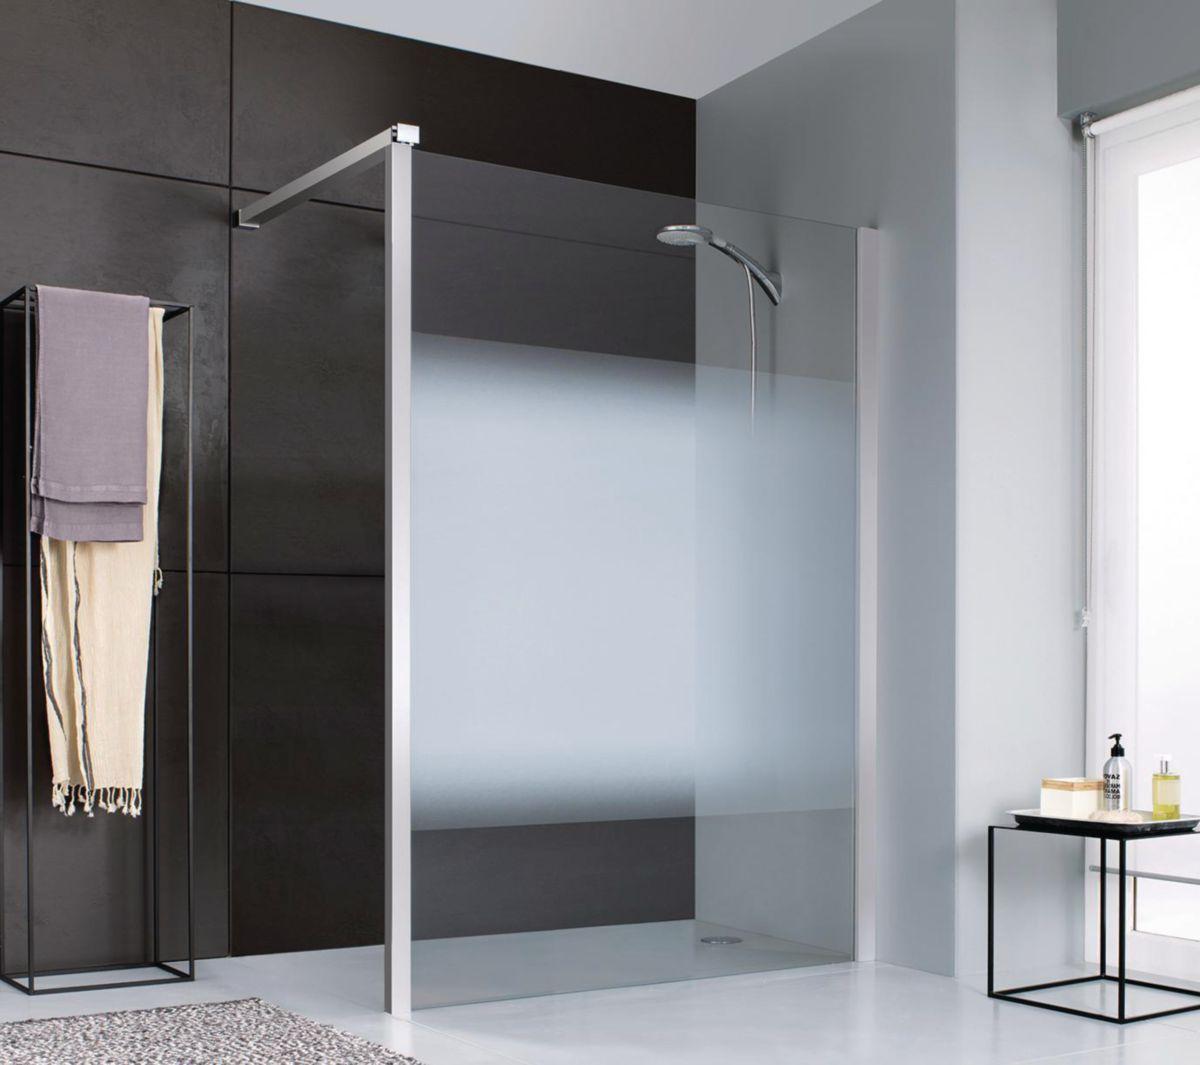 paroi de douche fixe 140 porte coulissante paroi fixe x cm with paroi de douche fixe 140. Black Bedroom Furniture Sets. Home Design Ideas